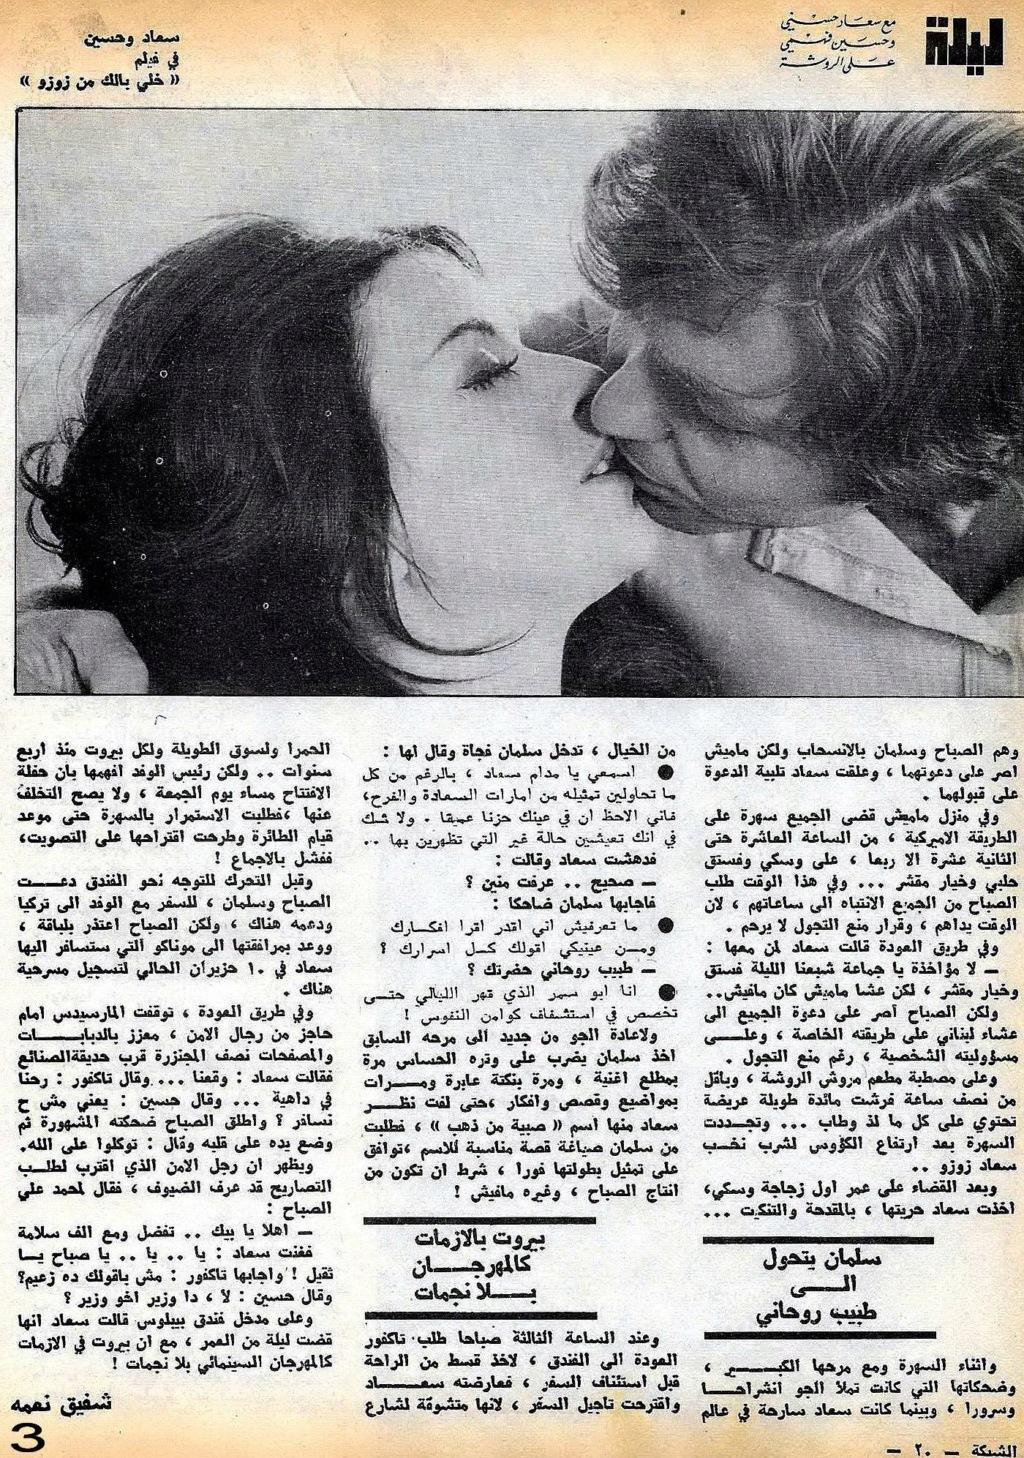 ليلة - مقال صحفي : ليلة مع سعاد حسني وحسين فهمي على الروشة 1973 م 3118